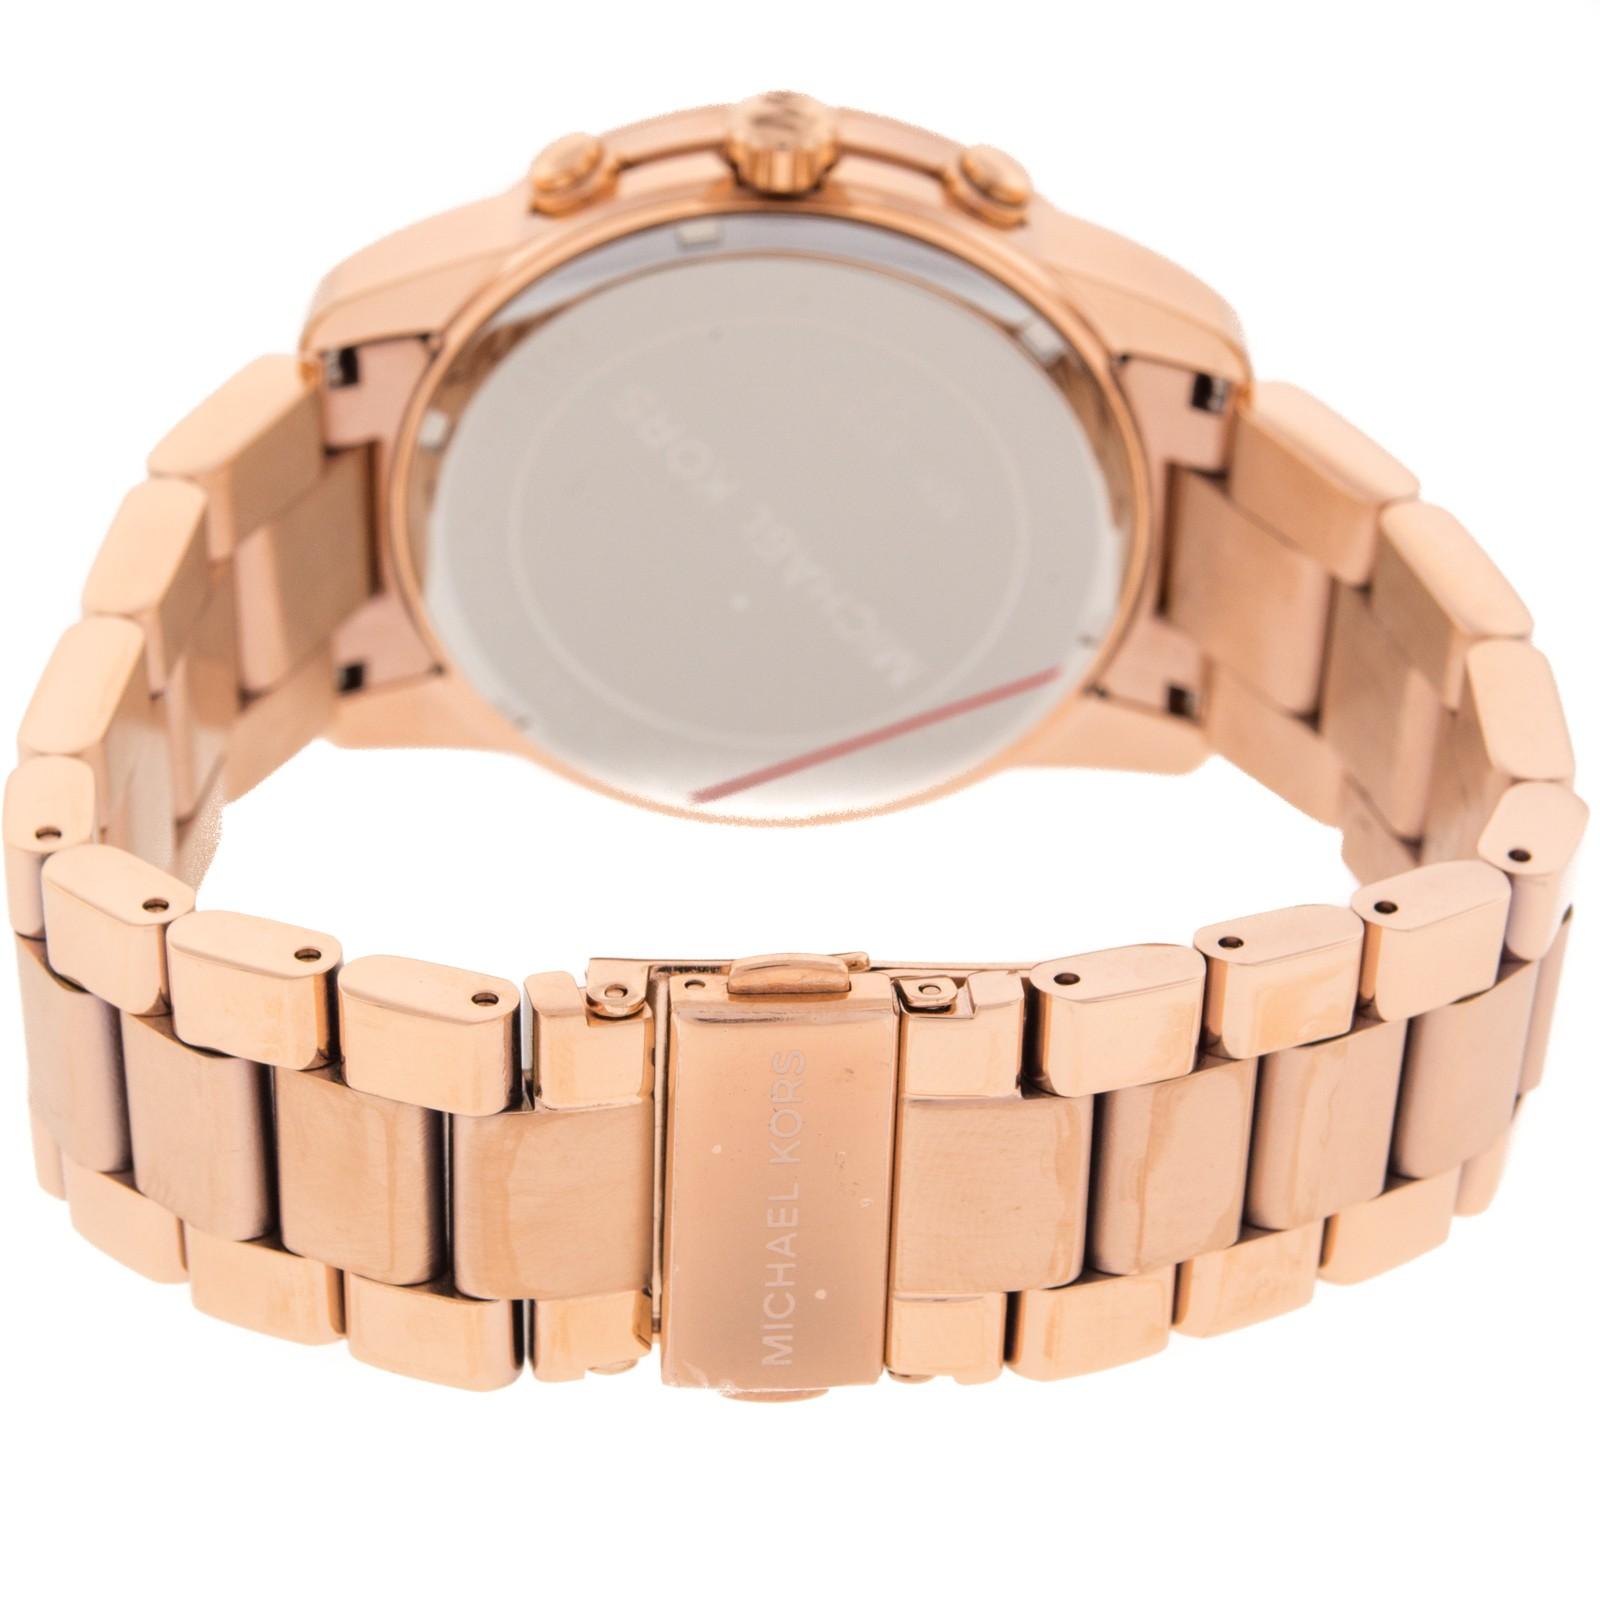 a2509e9752d1 Michael Kors Women s Runway Chronograph Rose Gold Dial Watch MK8096